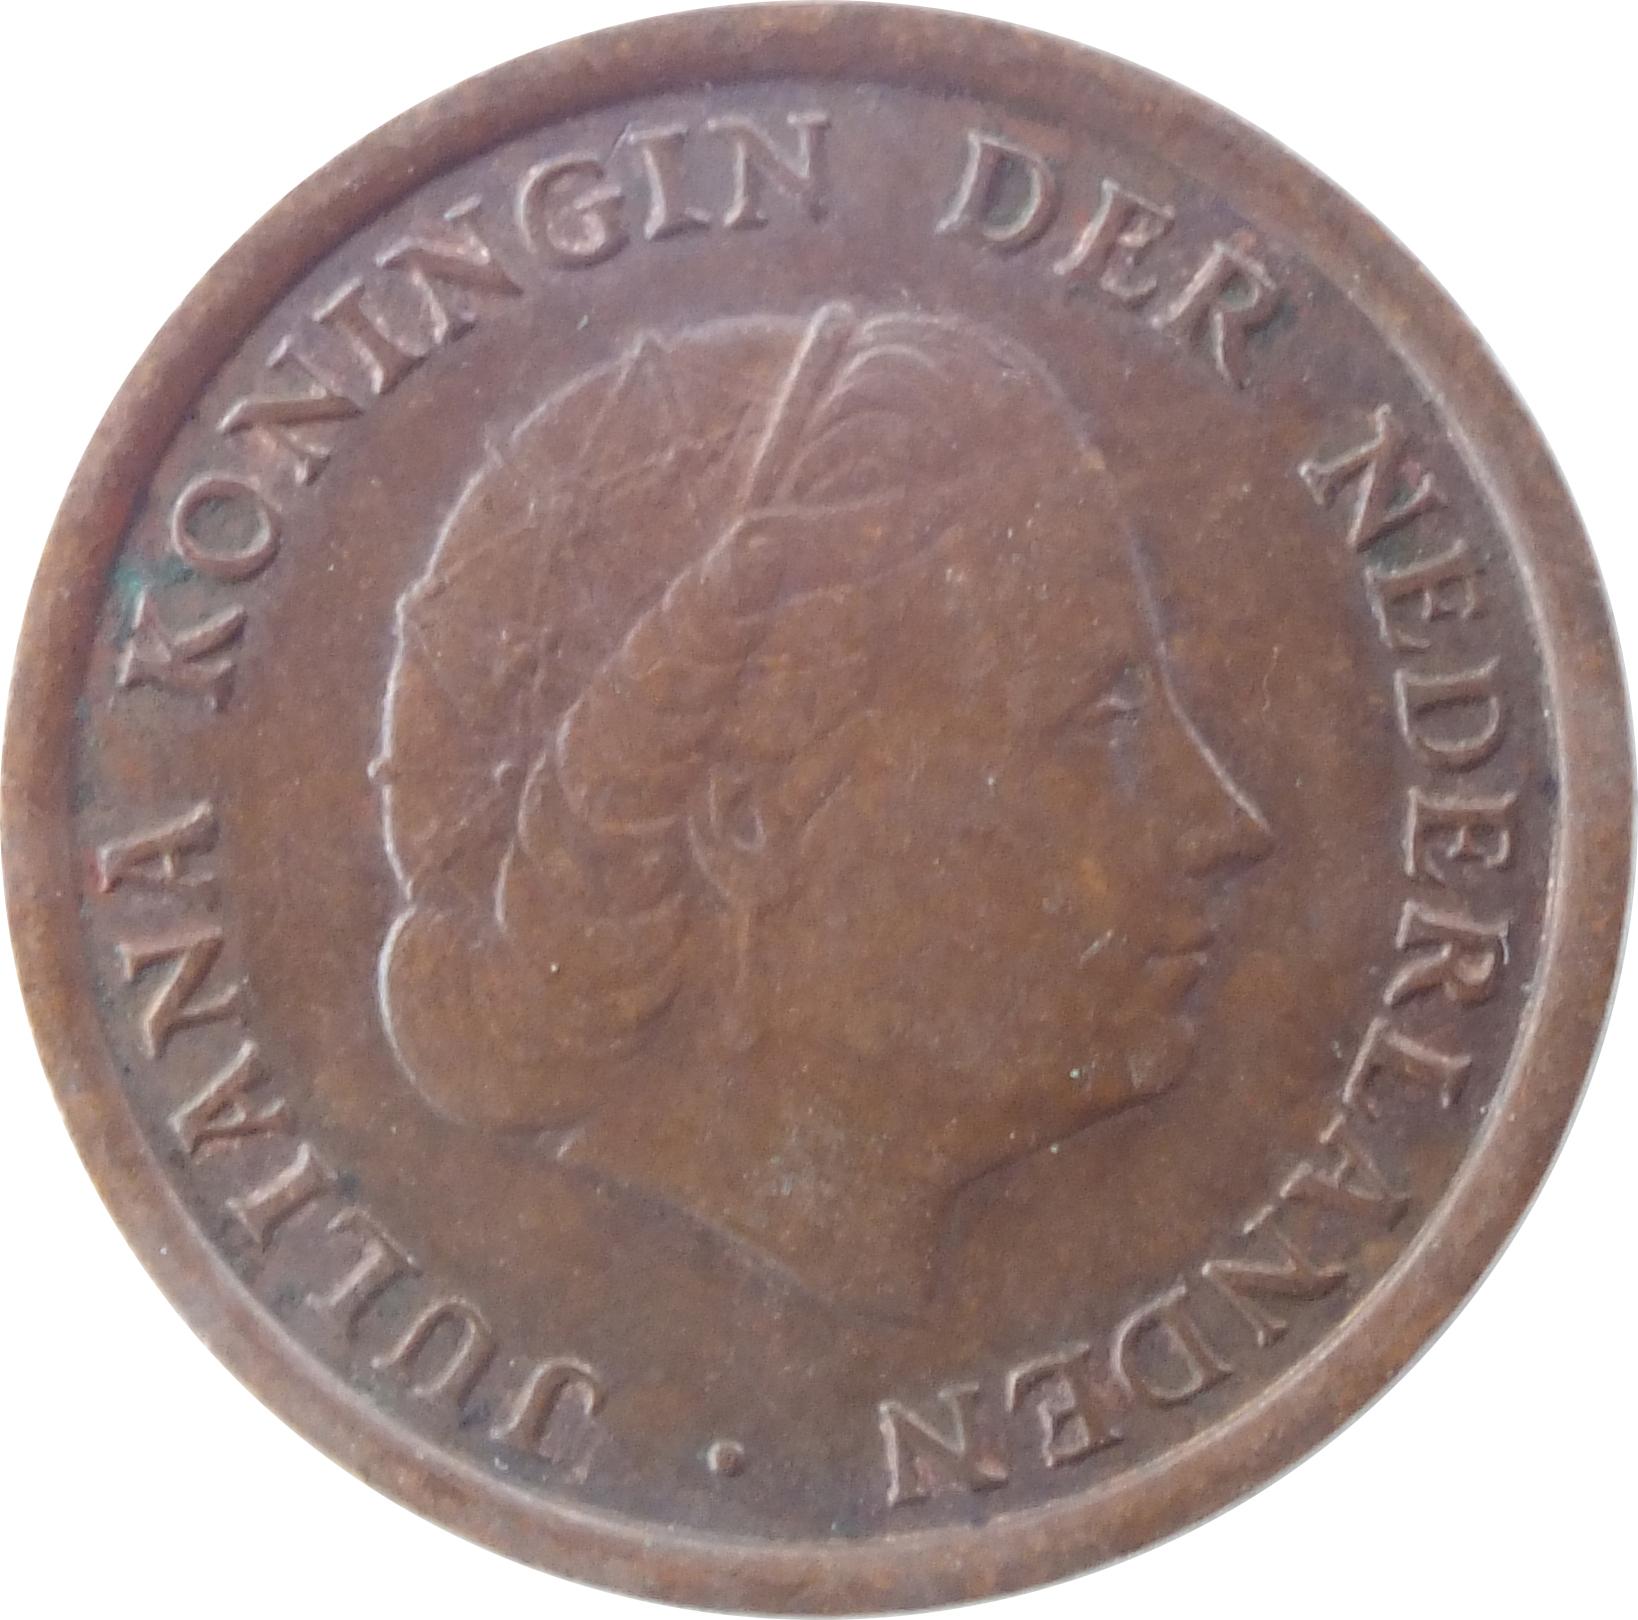 1 Cent Juliana 1950 1980 Netherlands Km 180 Coinsbook